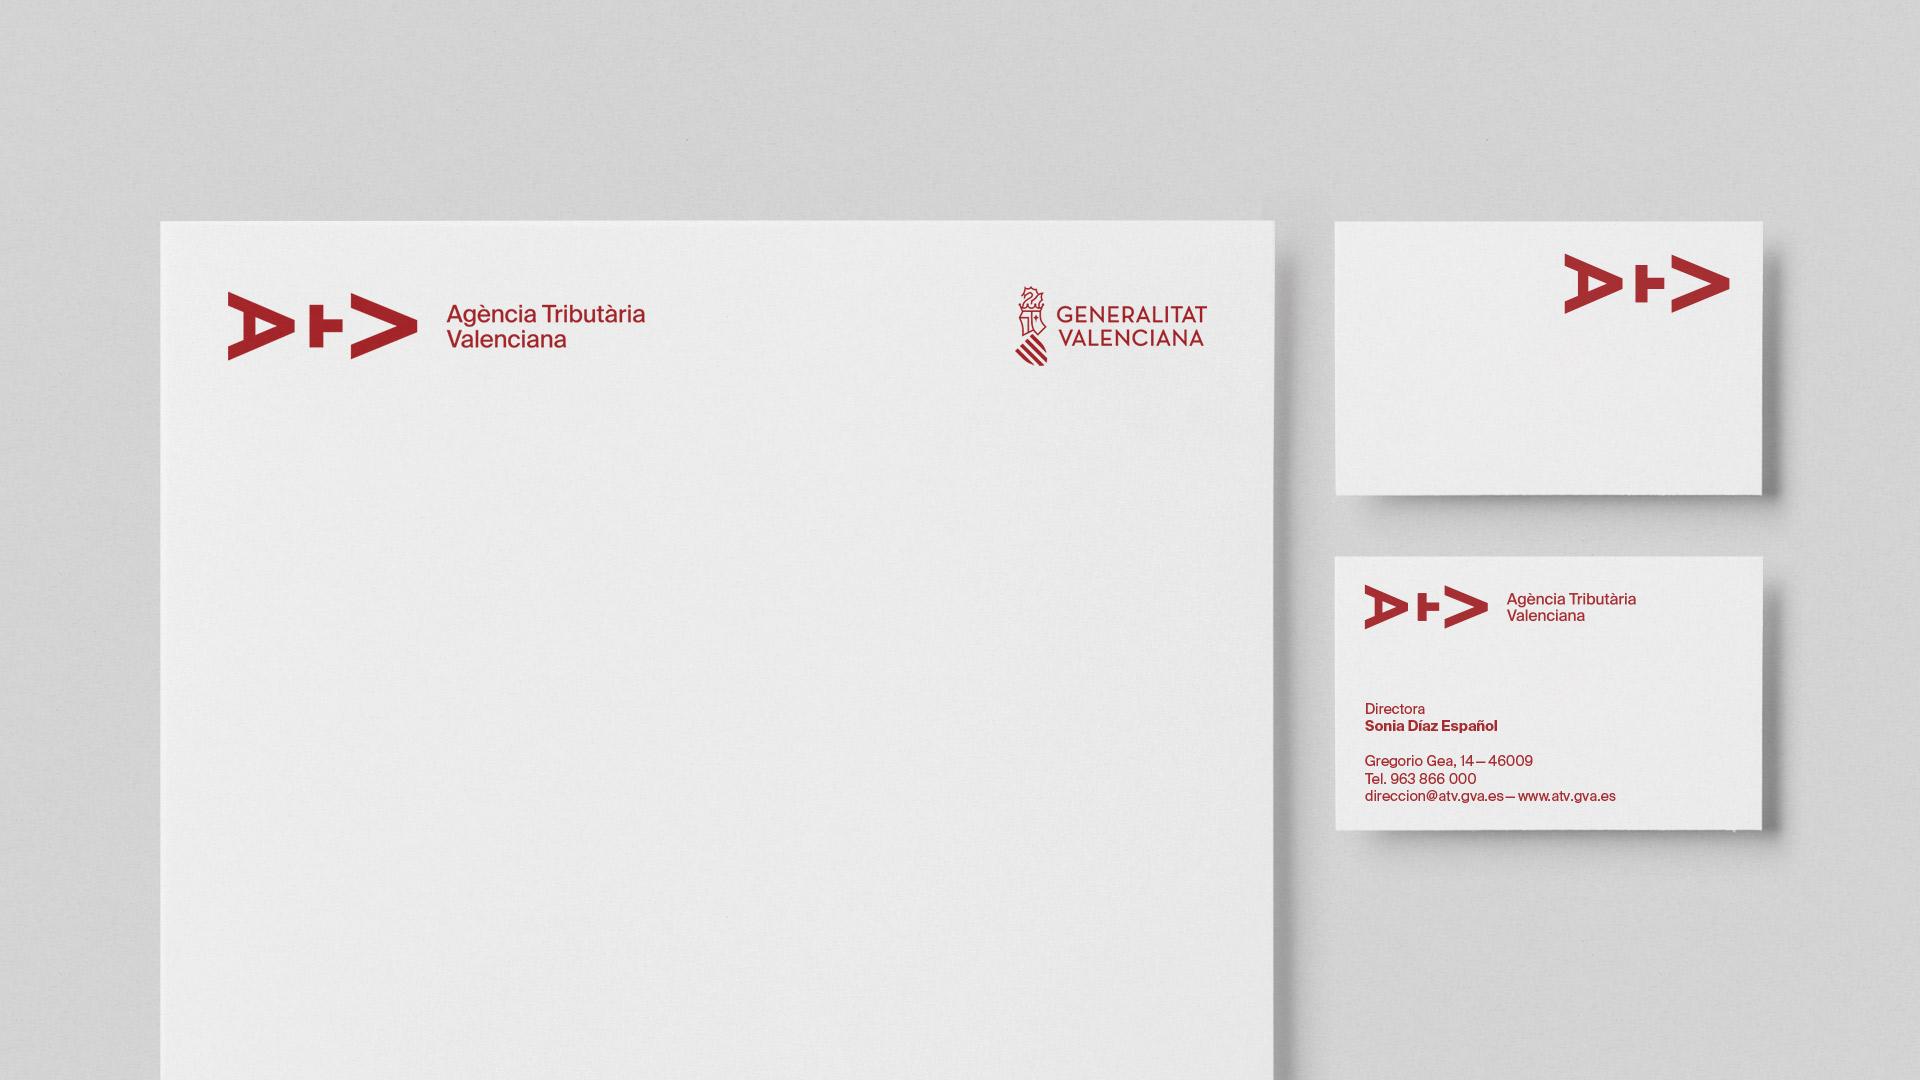 Fase, estudio de diseño gráfico. Identidad Agència Tributària Valenciana. Papeleria.